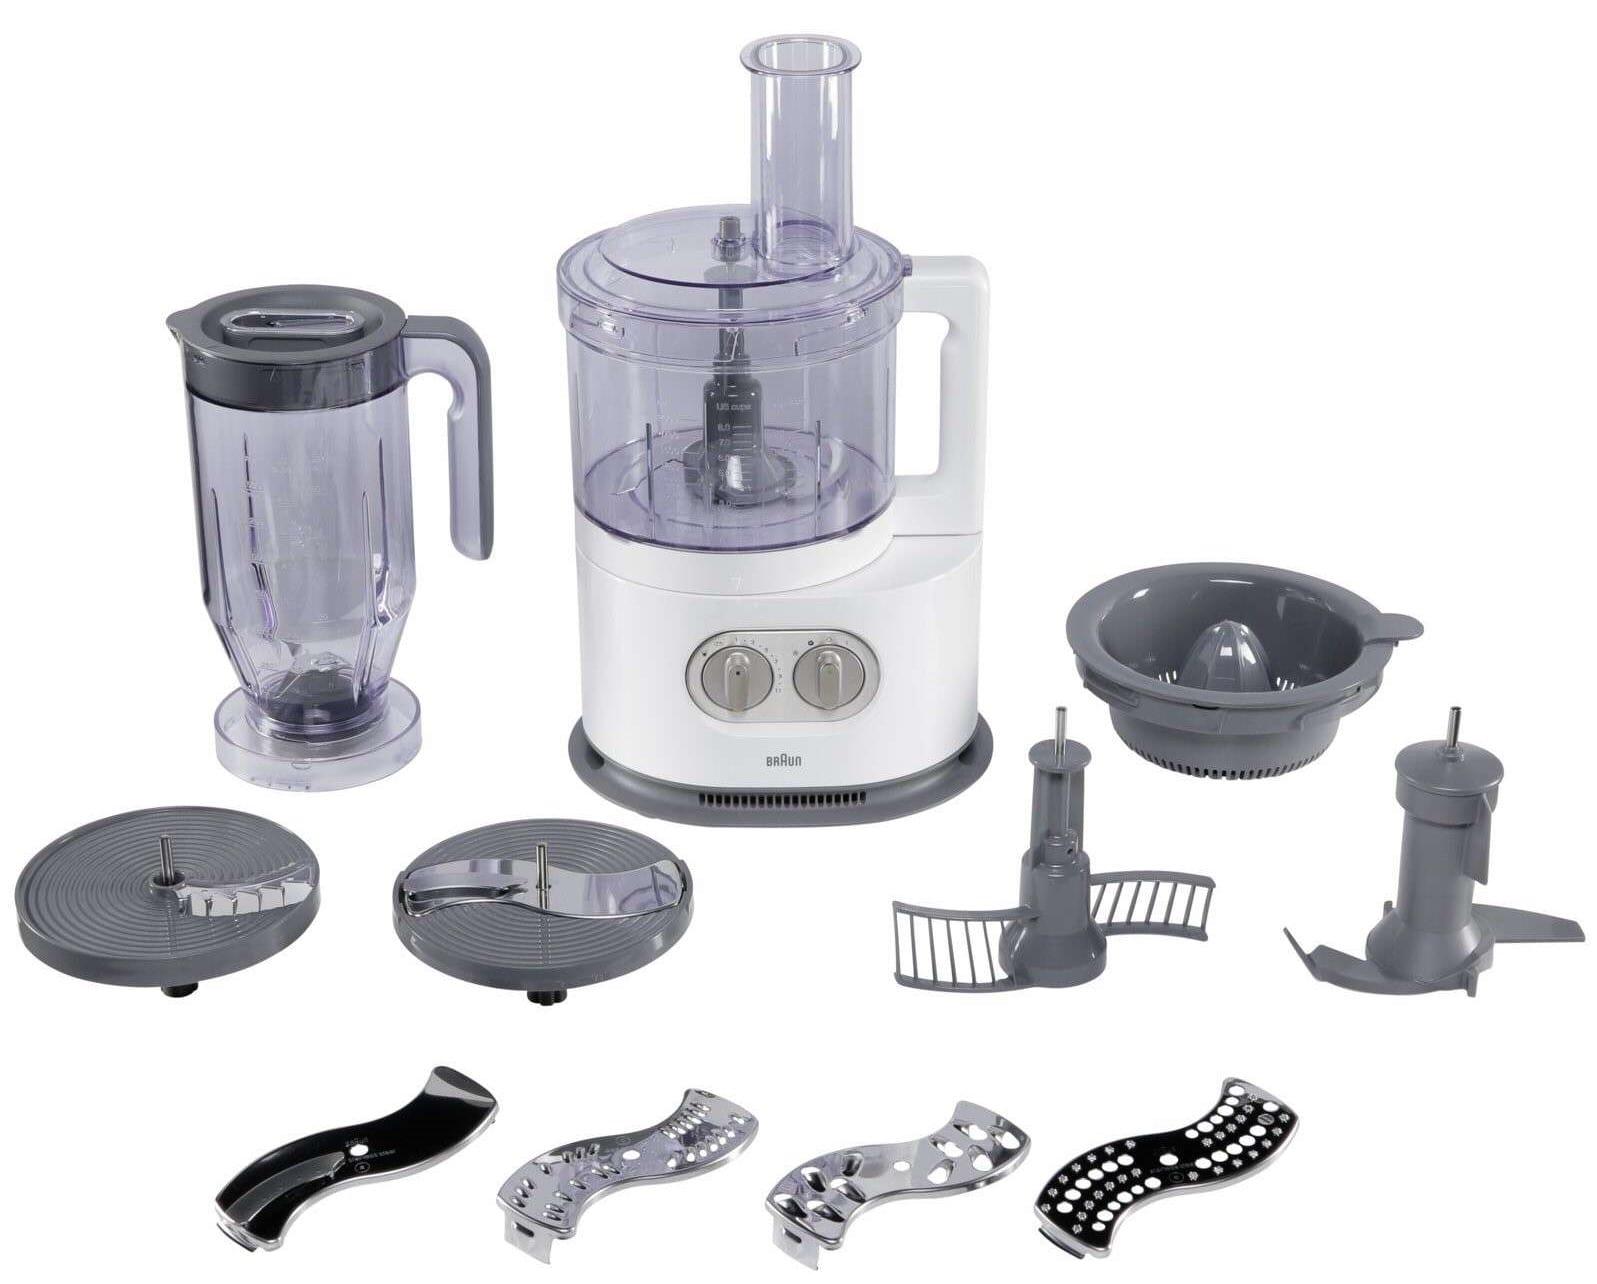 braun fp5150wh кухонный комбайн